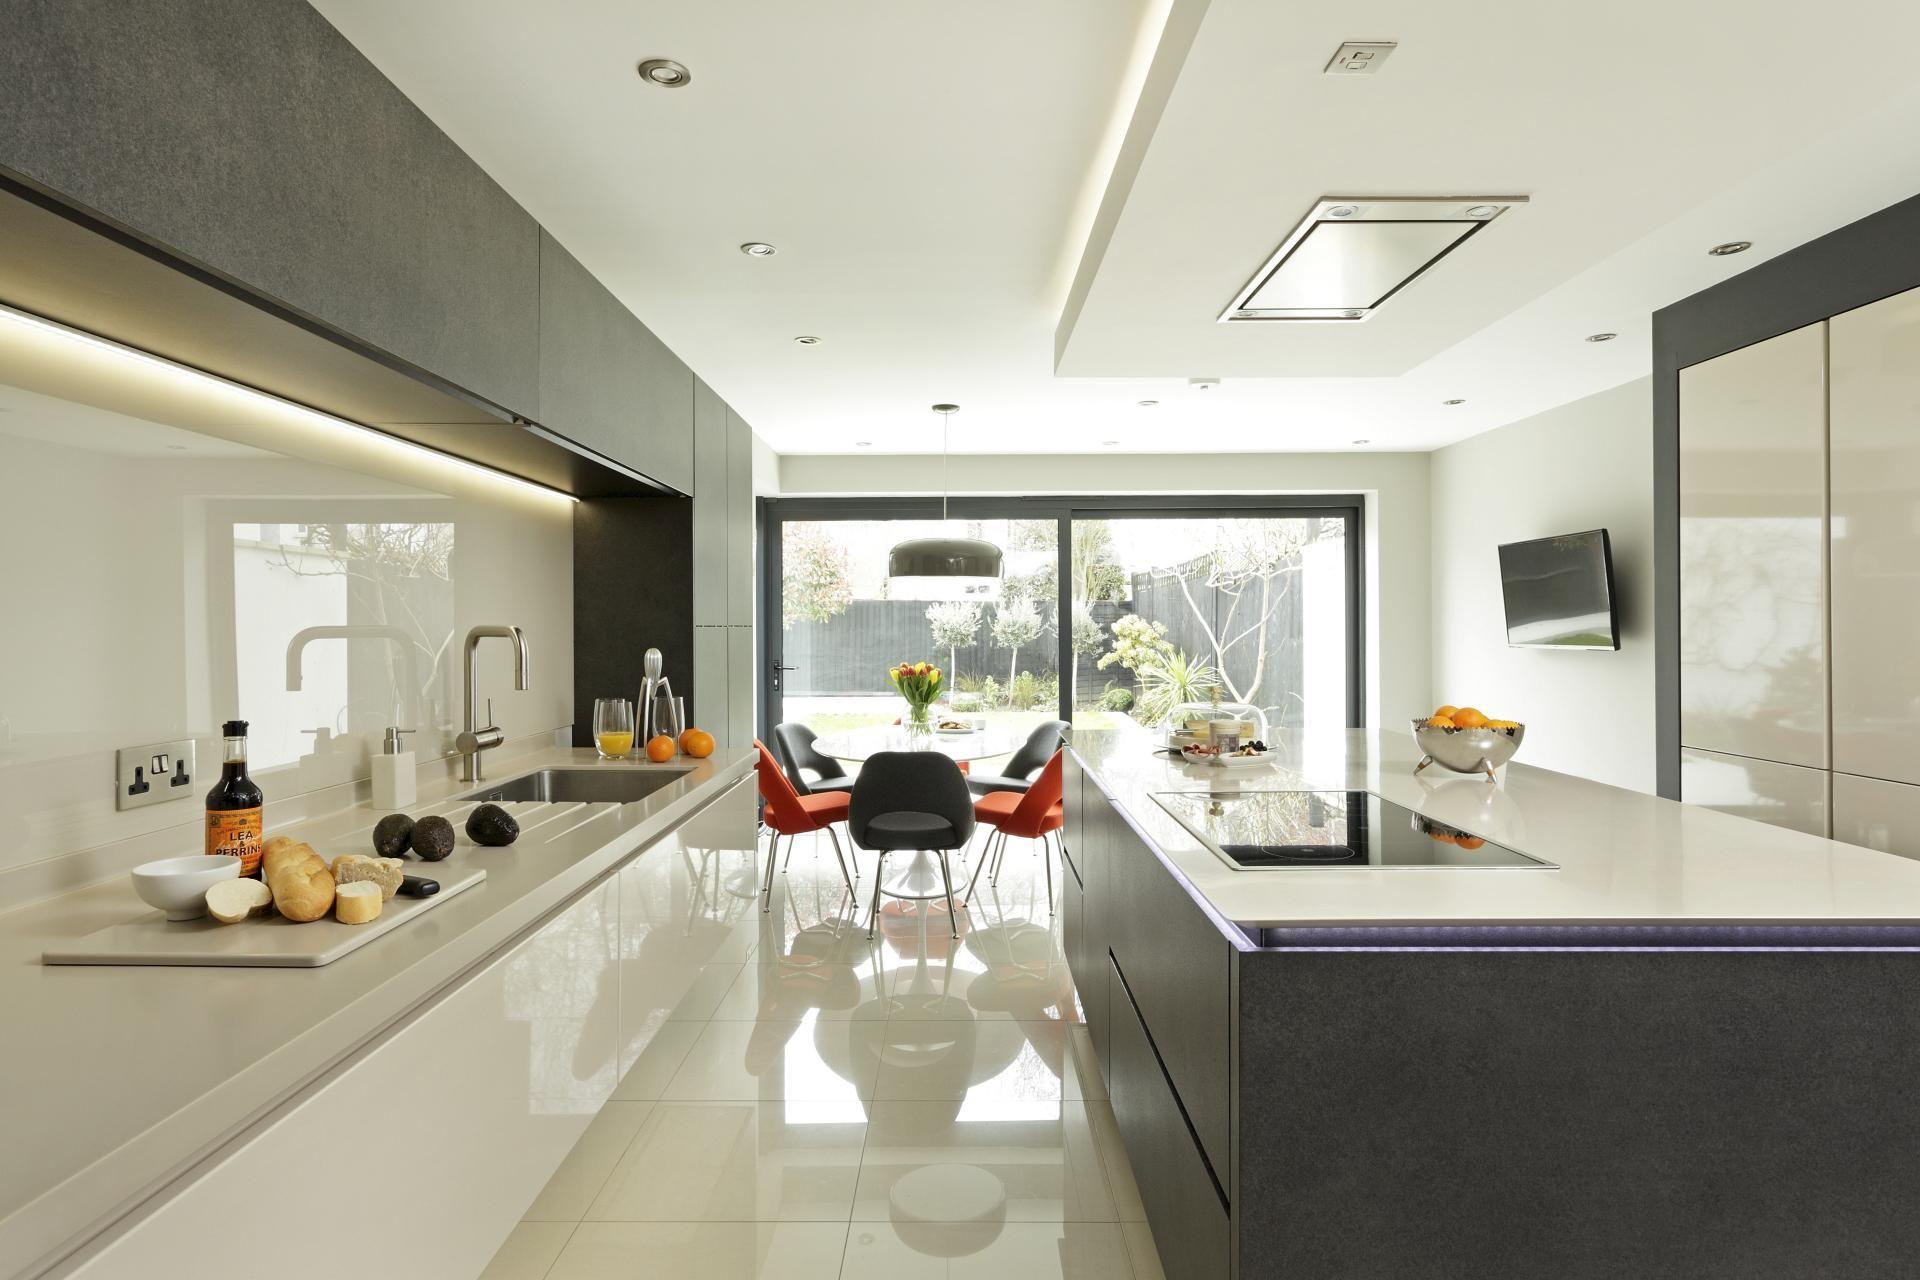 Alnostar Dur Kitchen In Ferro Bronze And White By Bradburys